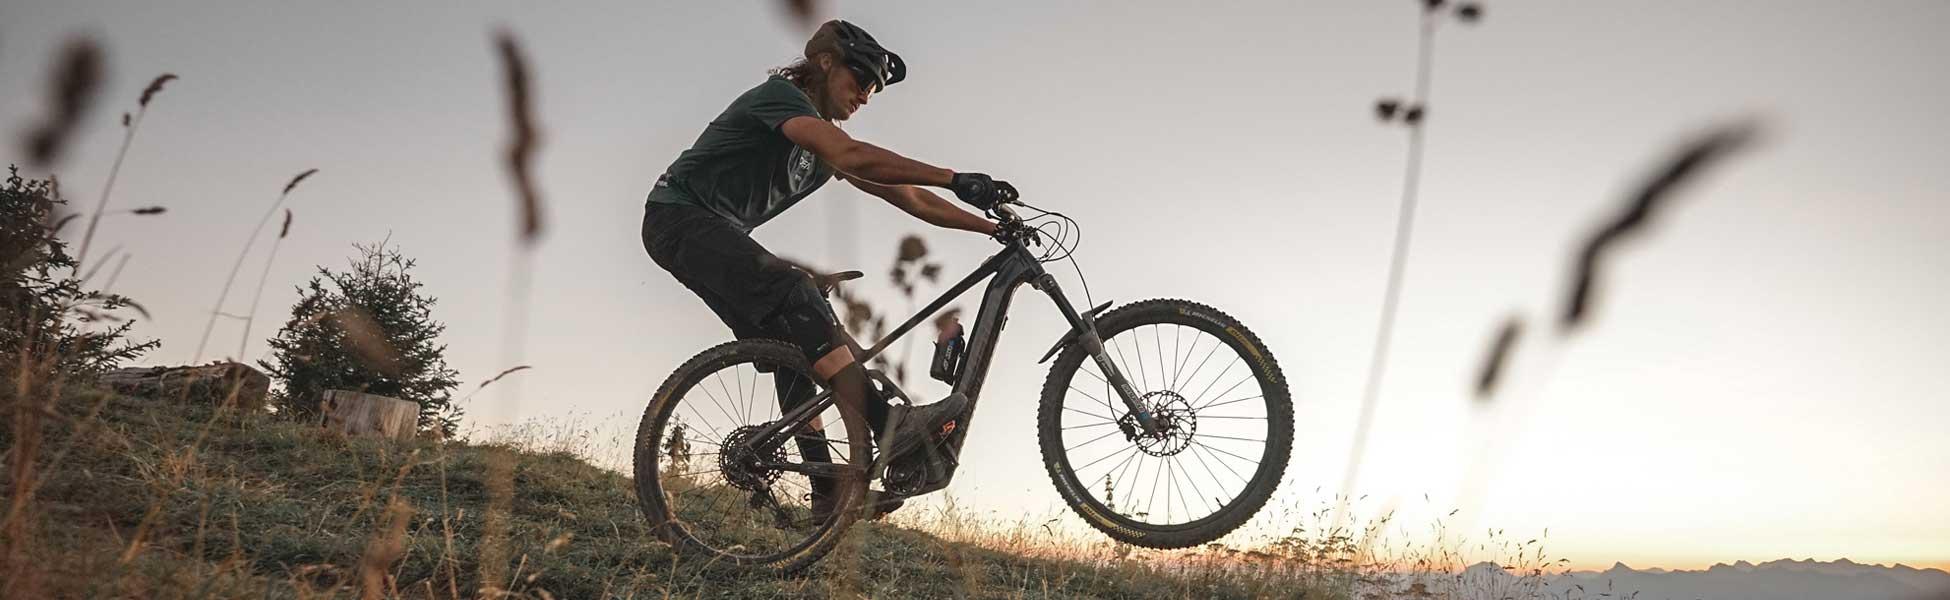 Electrique Sunn VTT vélo urbain route